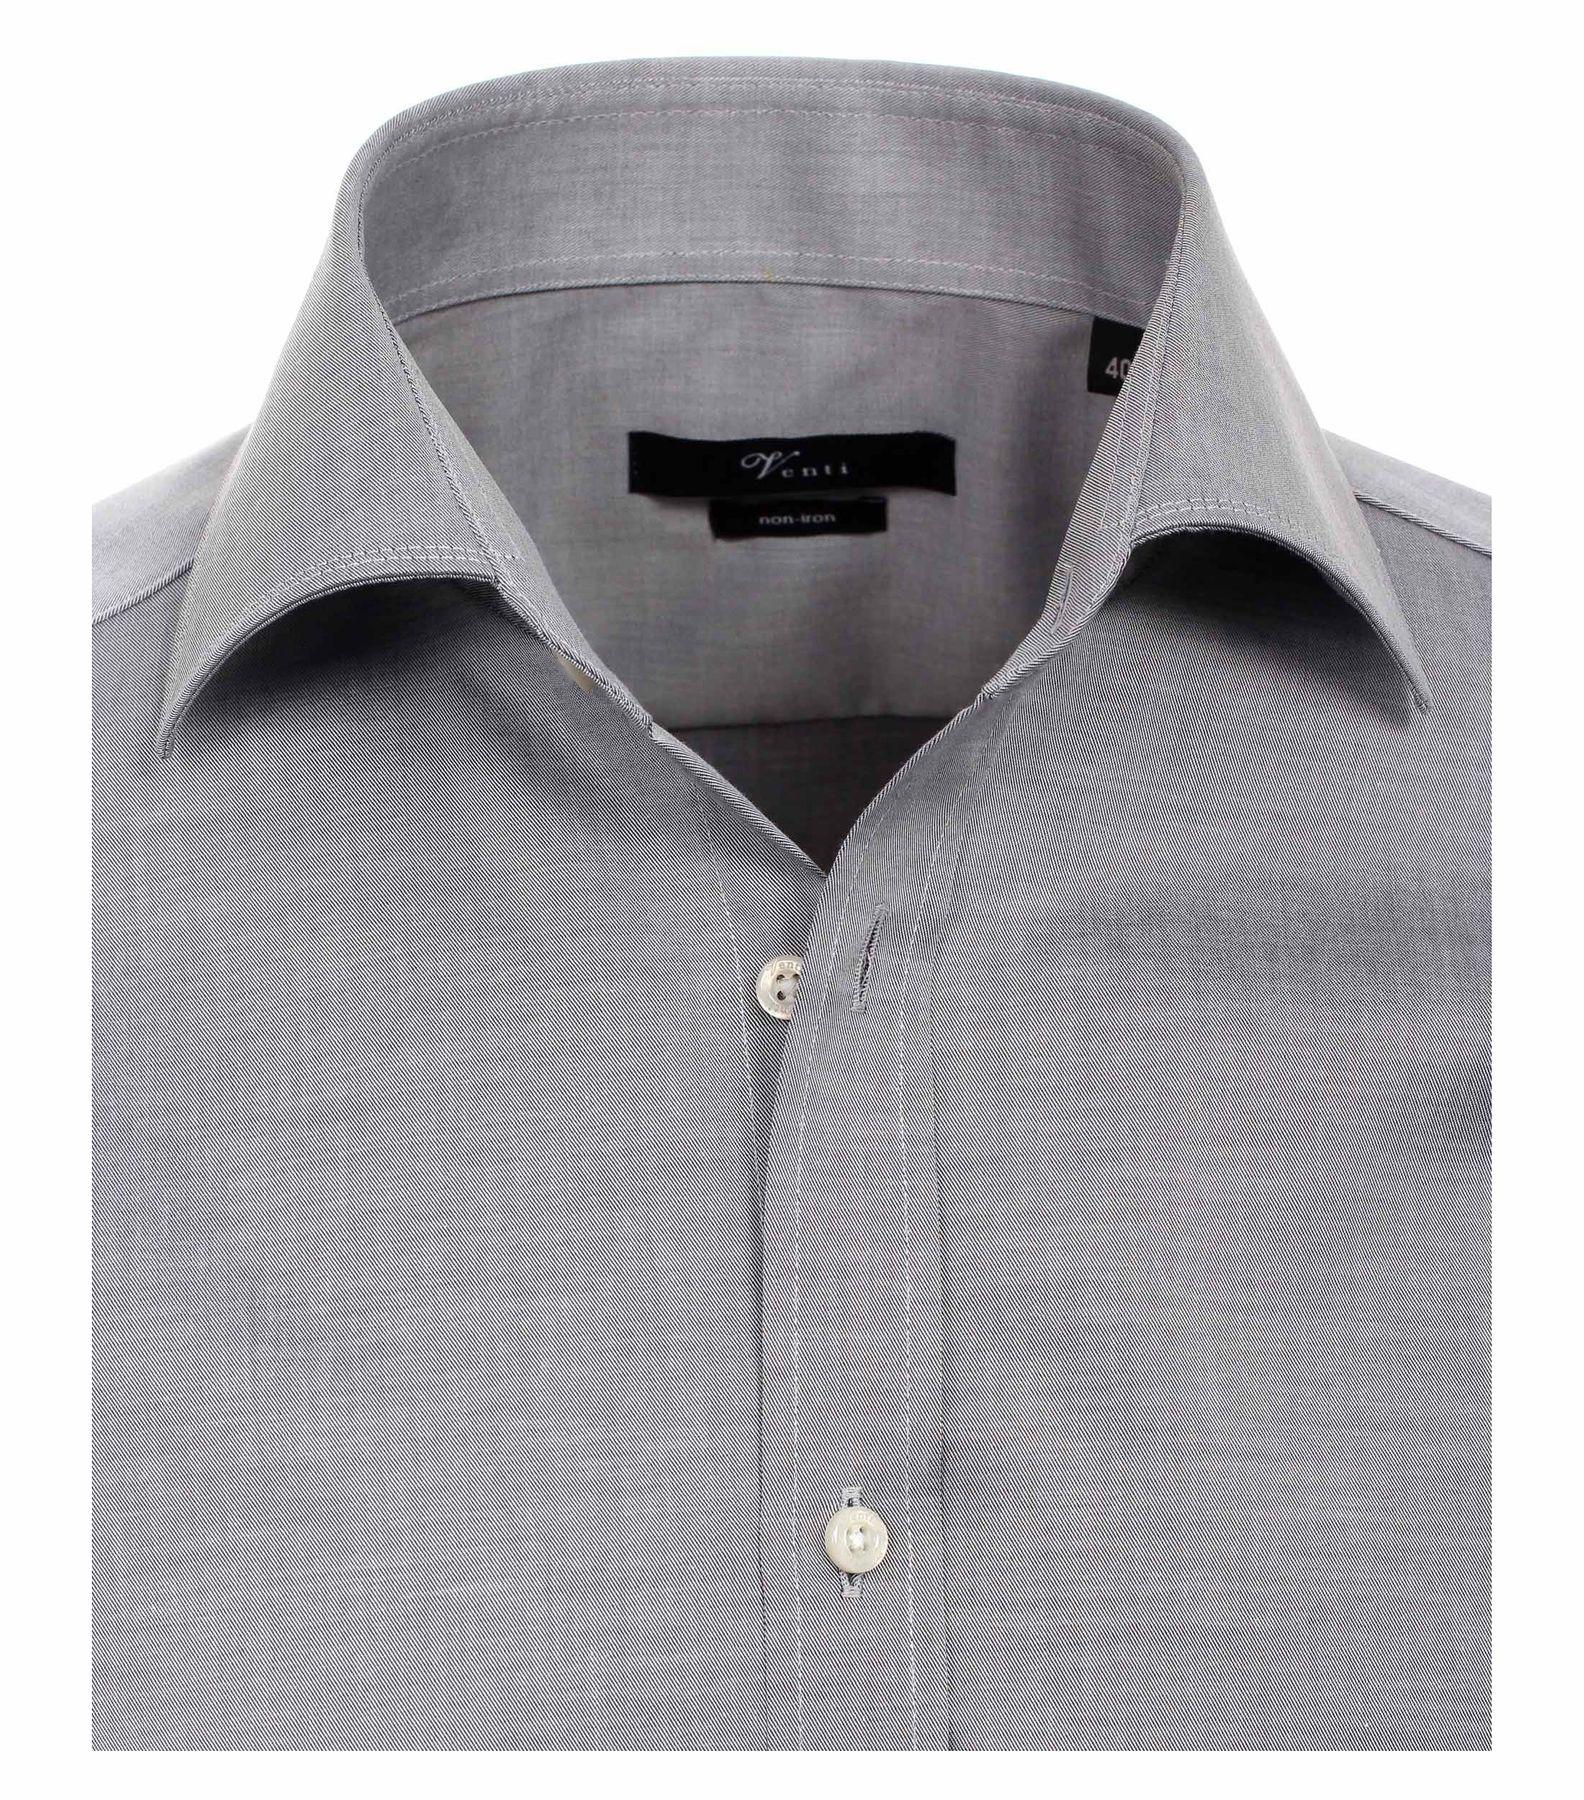 Venti - Slim Fit - Bügelfreies Herren Langarm Hemd mit Haifisch Kragen in verschiedenen Farben (001800 A) – Bild 13